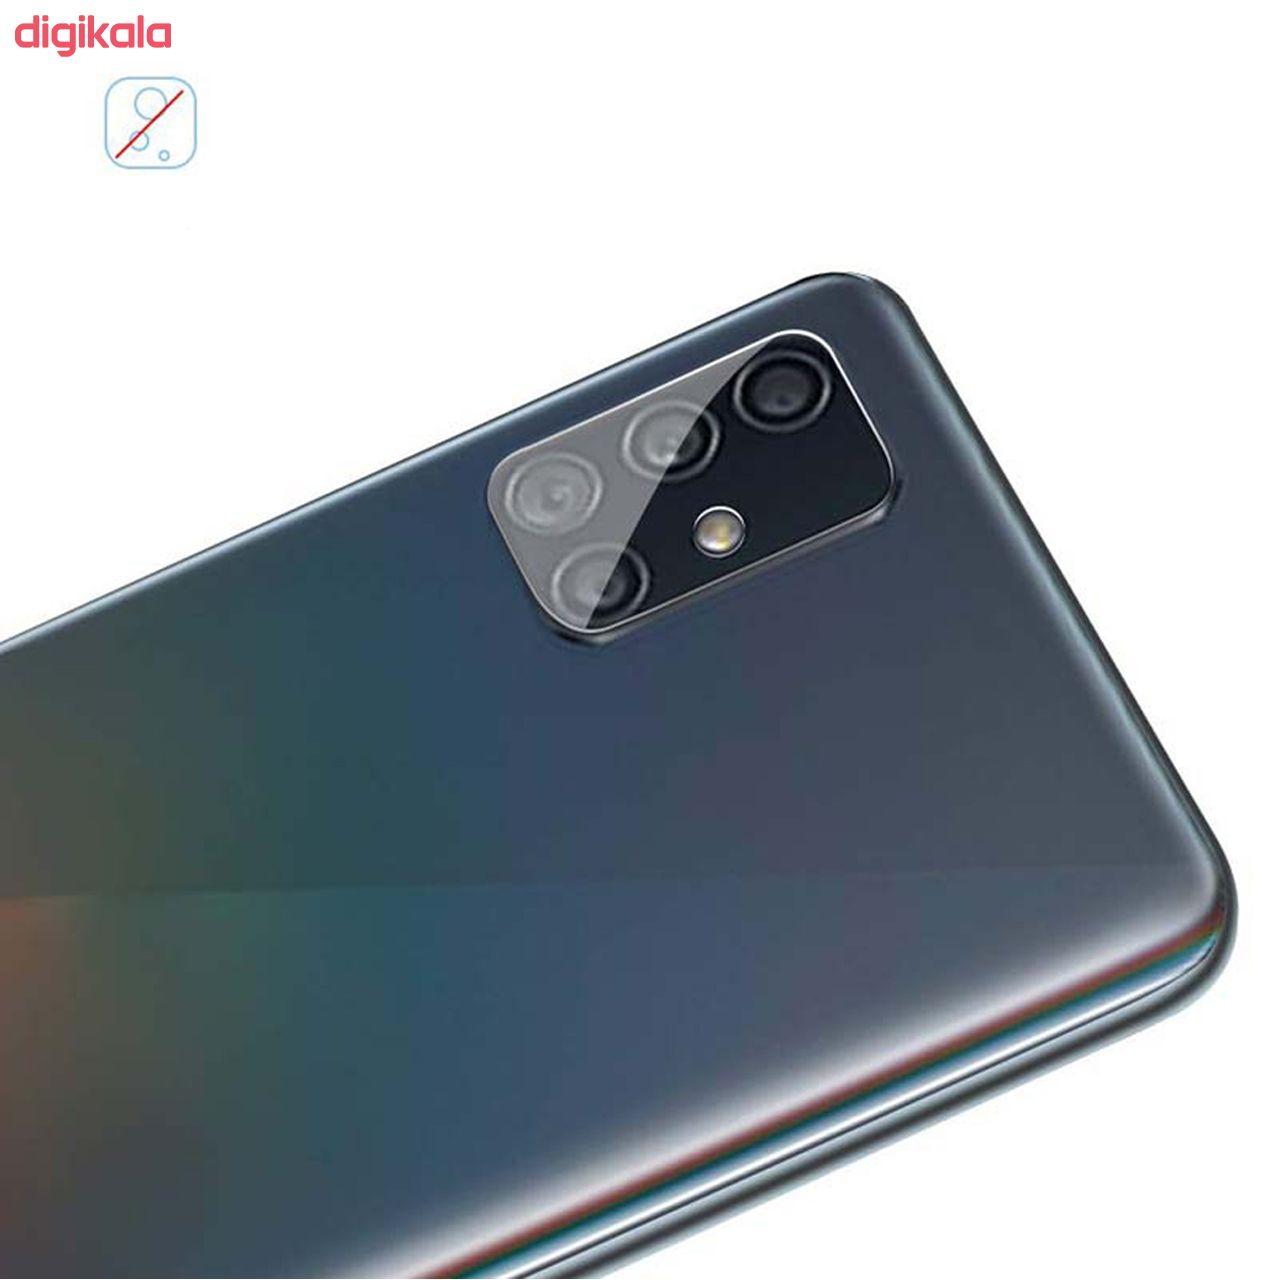 محافظ لنز دوربین سیحان مدل GLP مناسب برای گوشی موبایل سامسونگ Galaxy M51 main 1 2